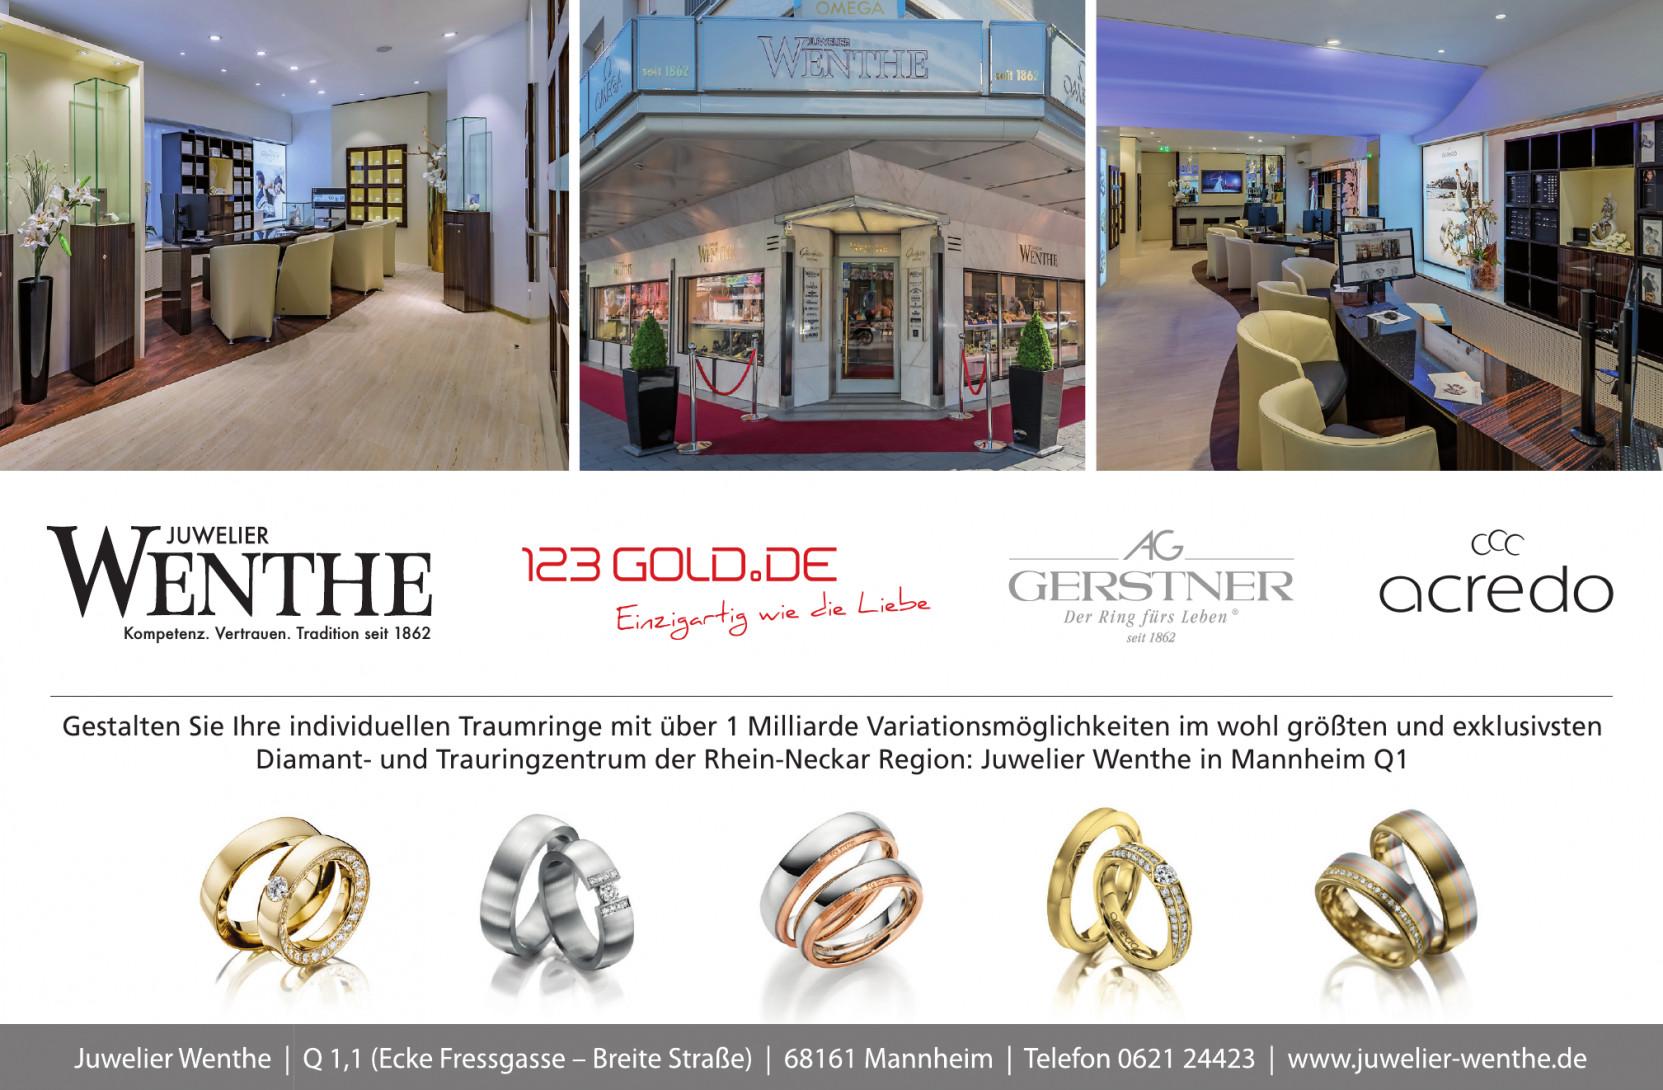 Juwelier Wenthe